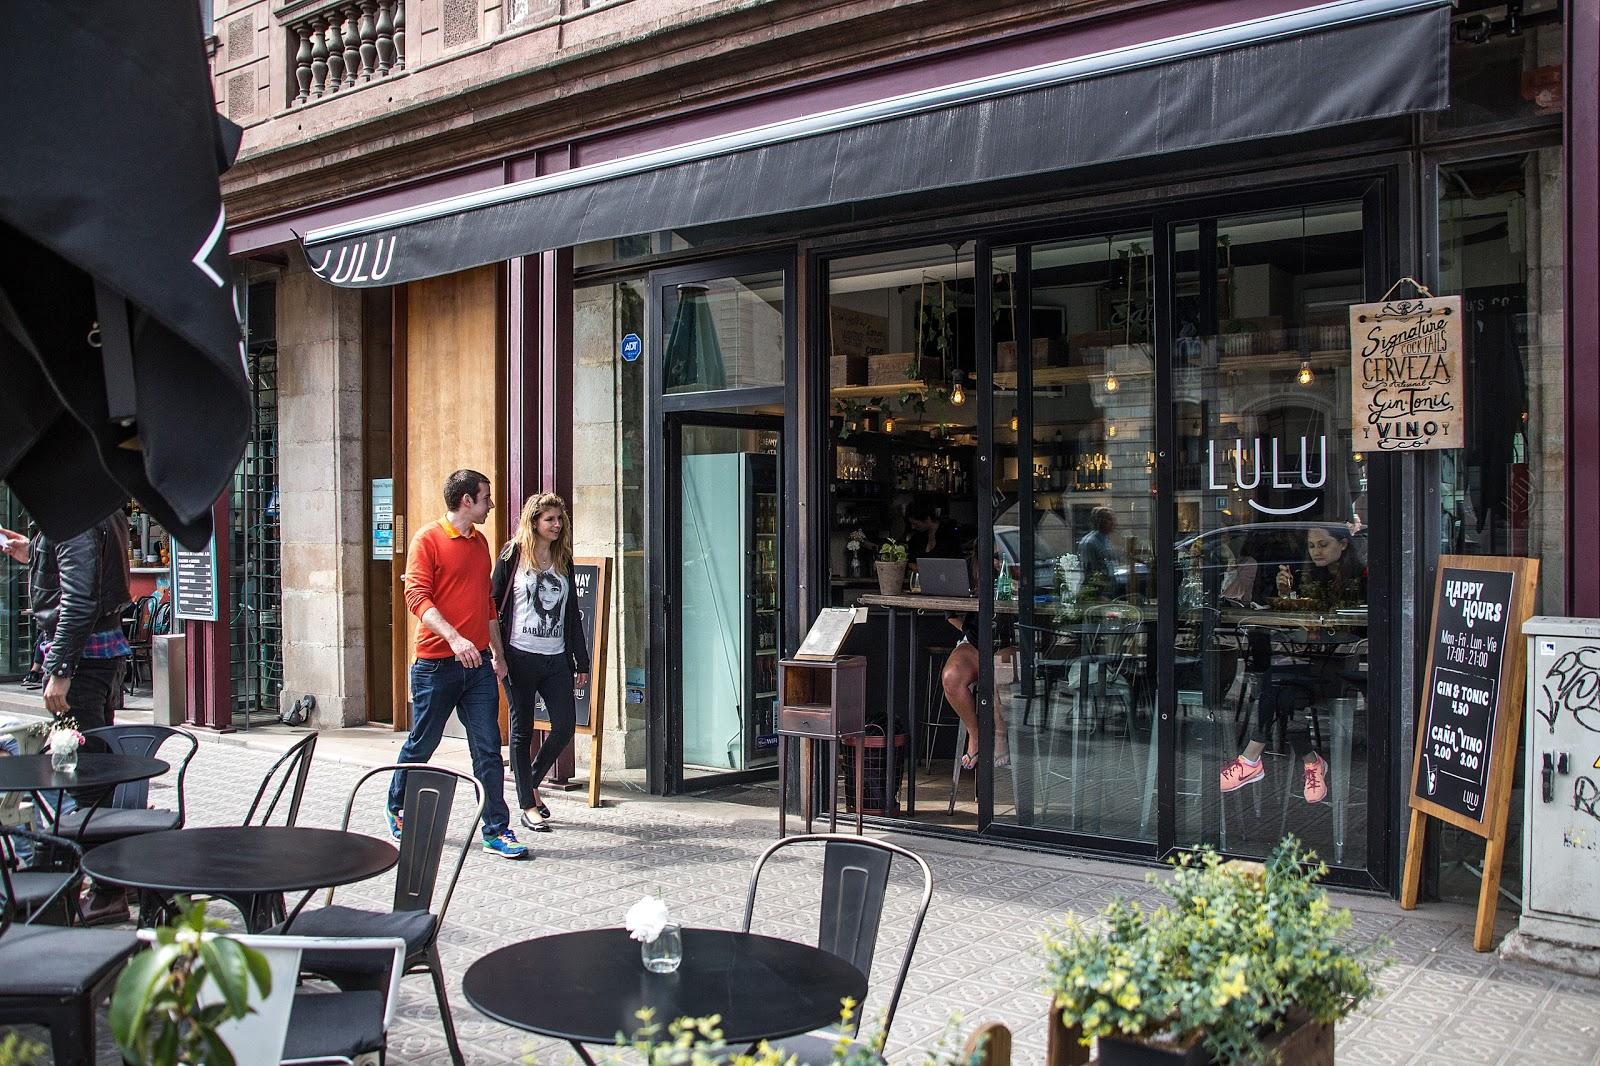 LULU: A Work-Friendly Place in Barcelona